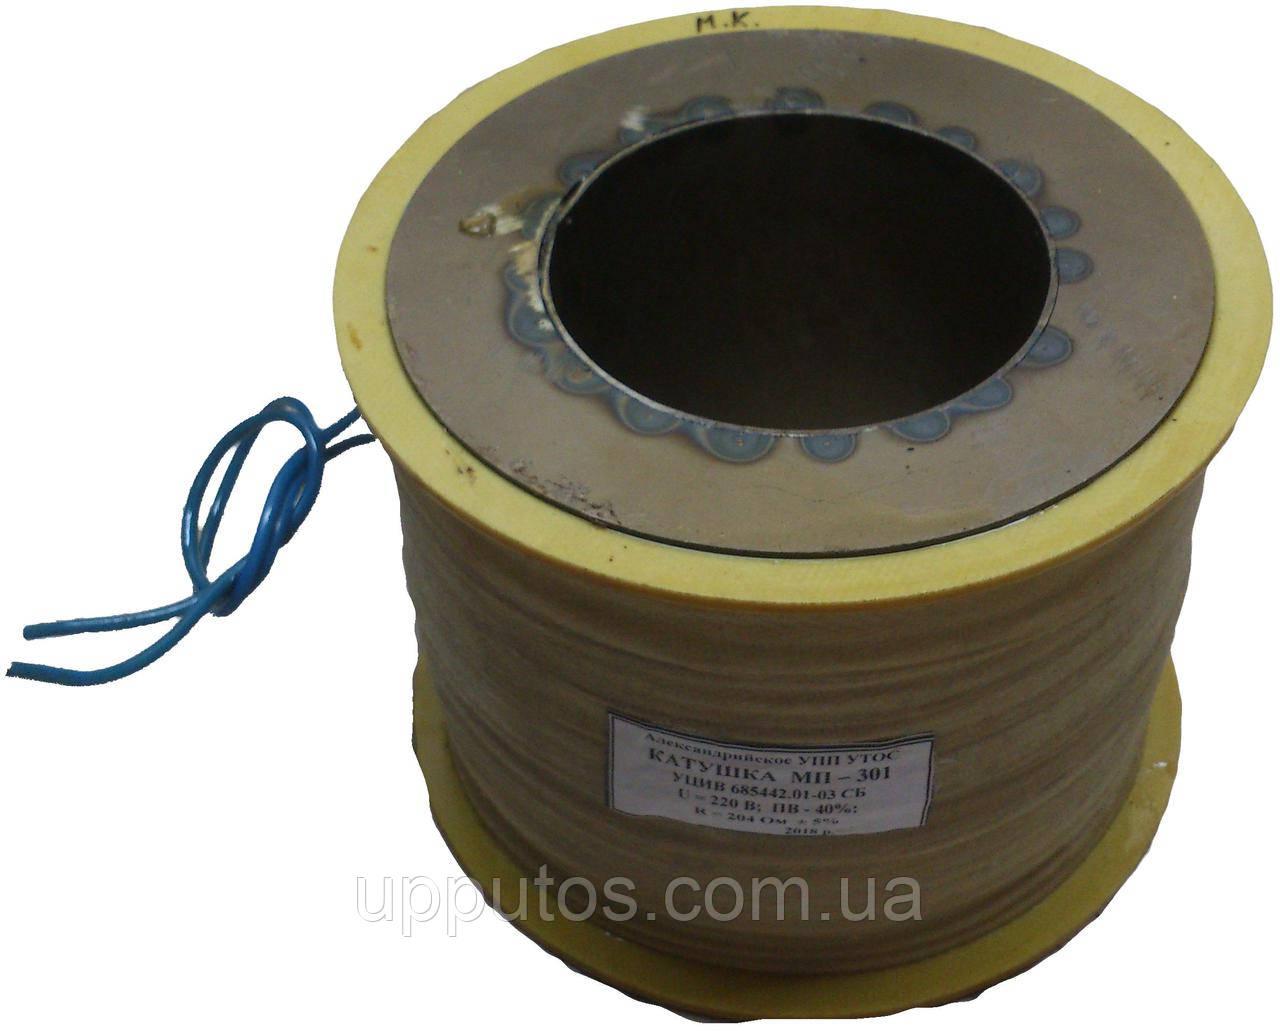 Катушка тормозная МП-301, 110В,  ПВ -25%